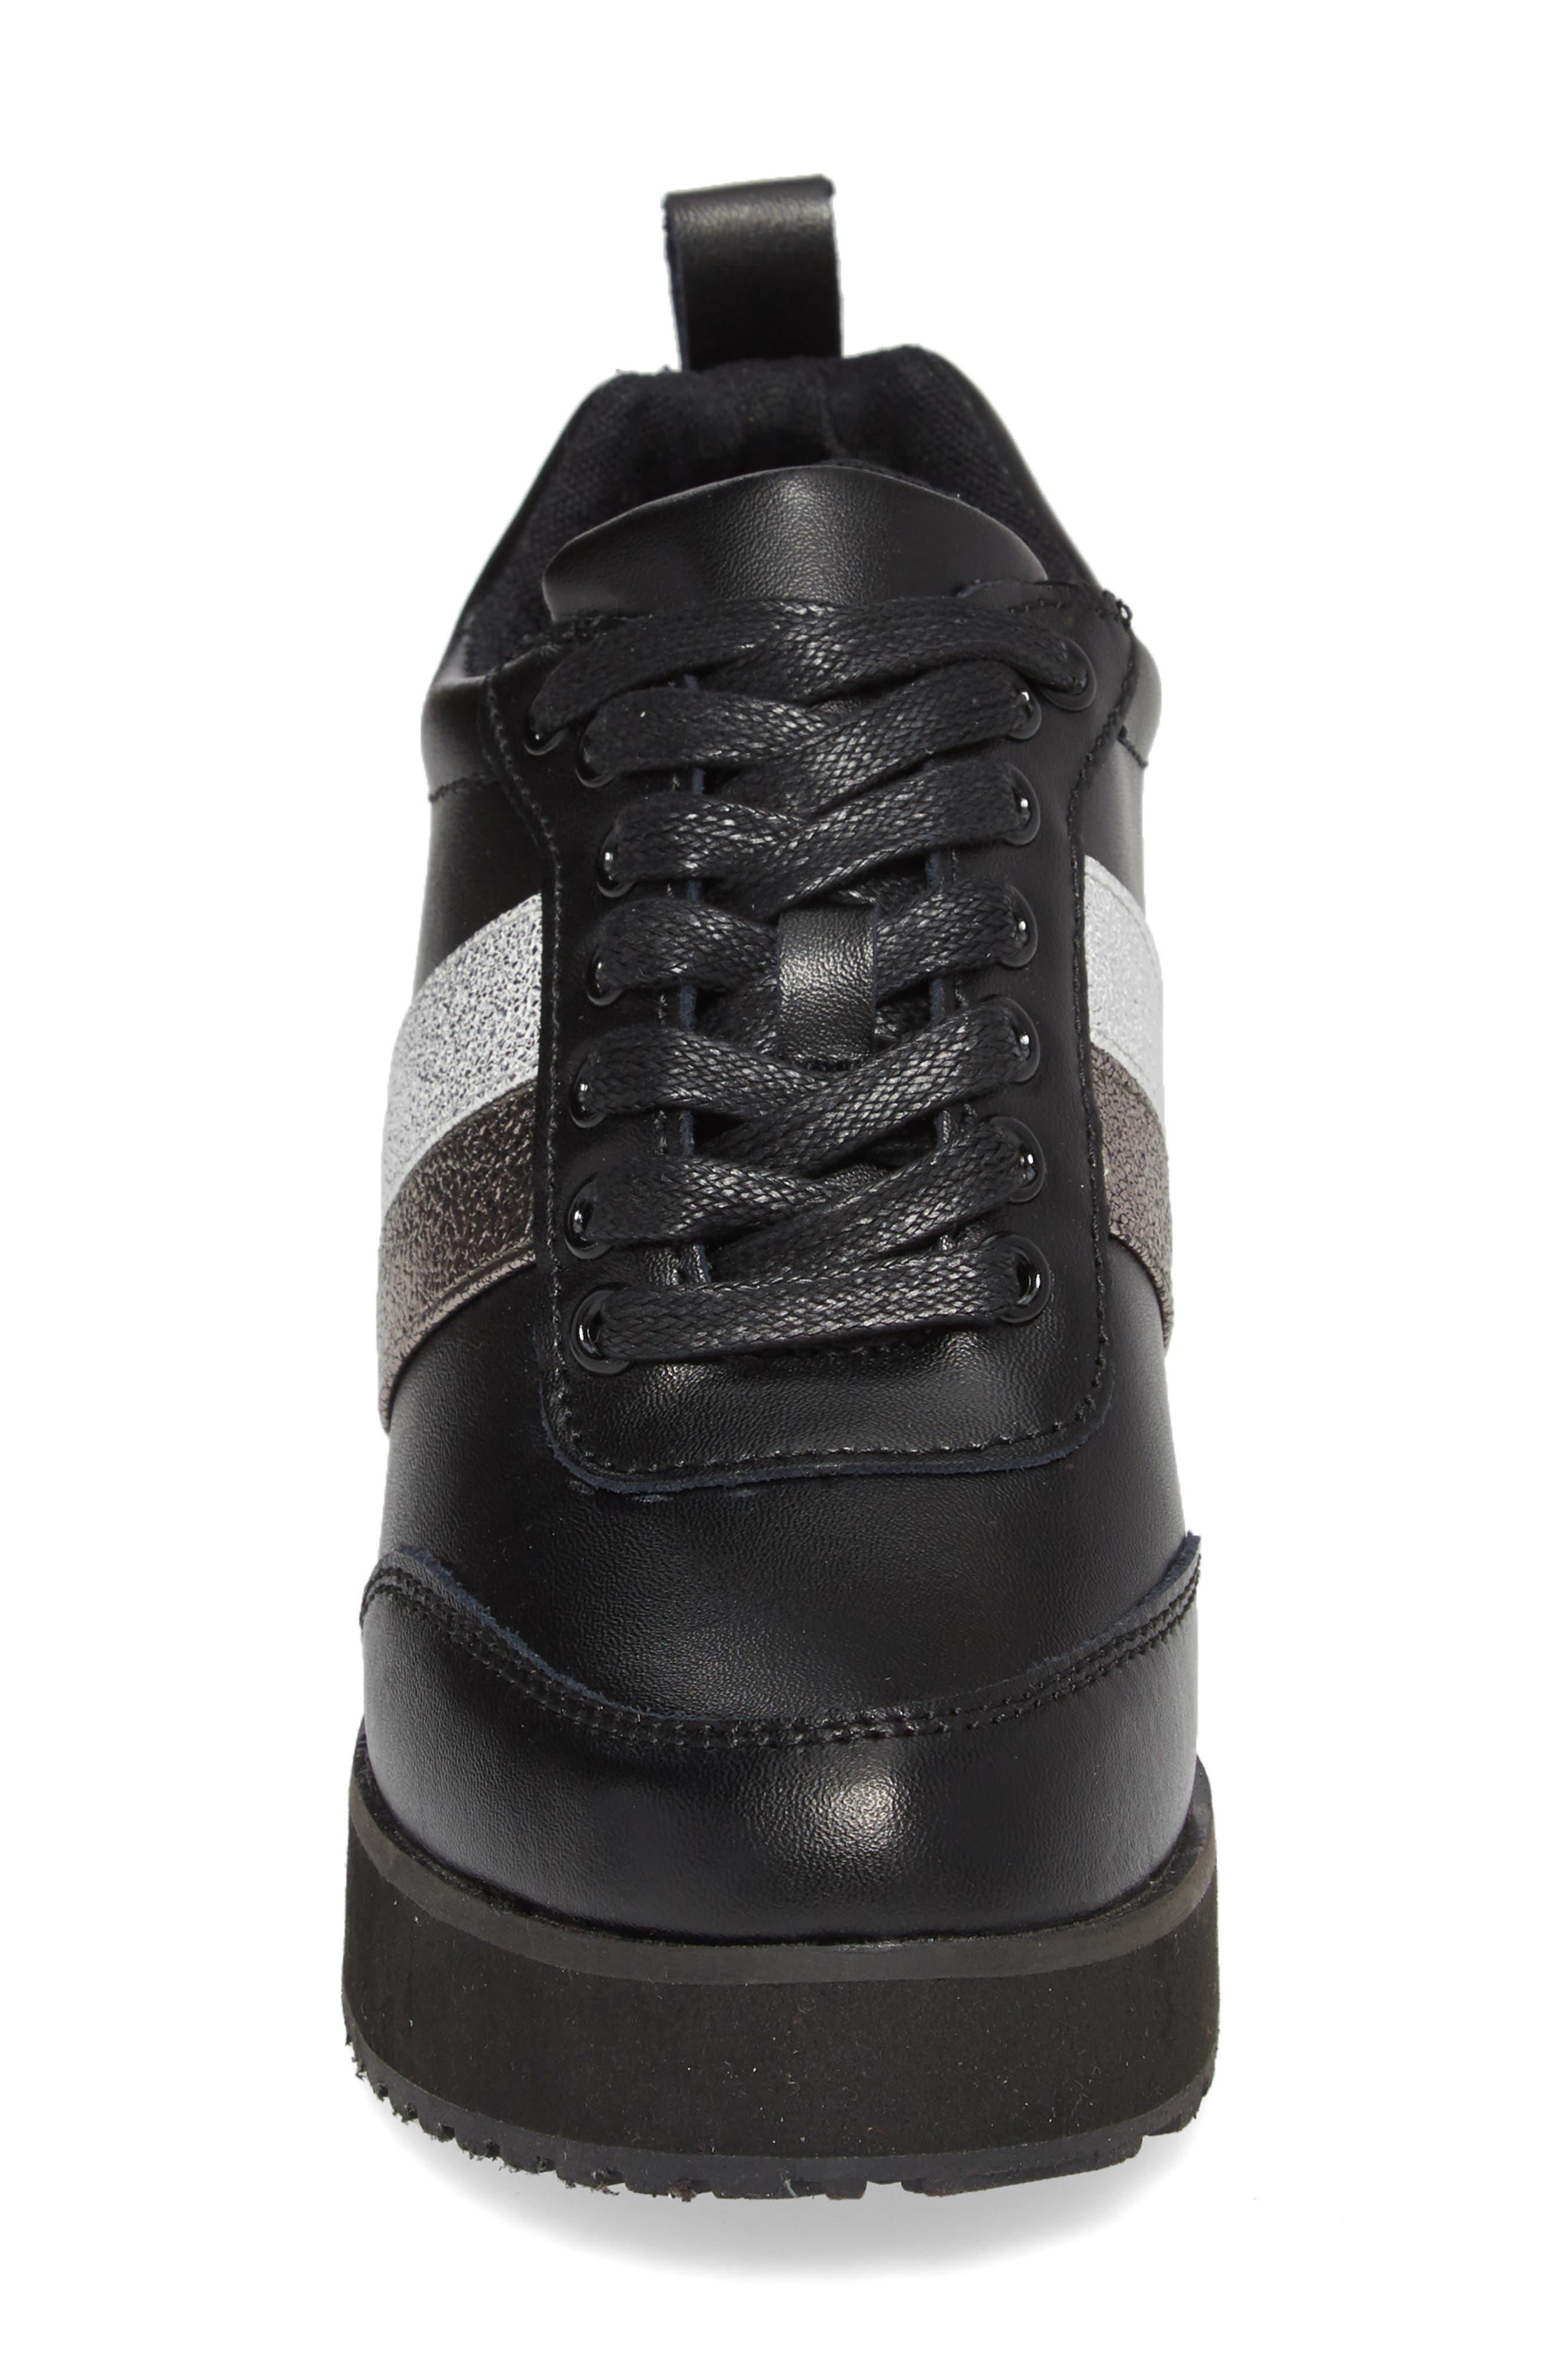 Sarita Hidden Wedge Sneaker,                             Alternate thumbnail 4, color,                             BLACK